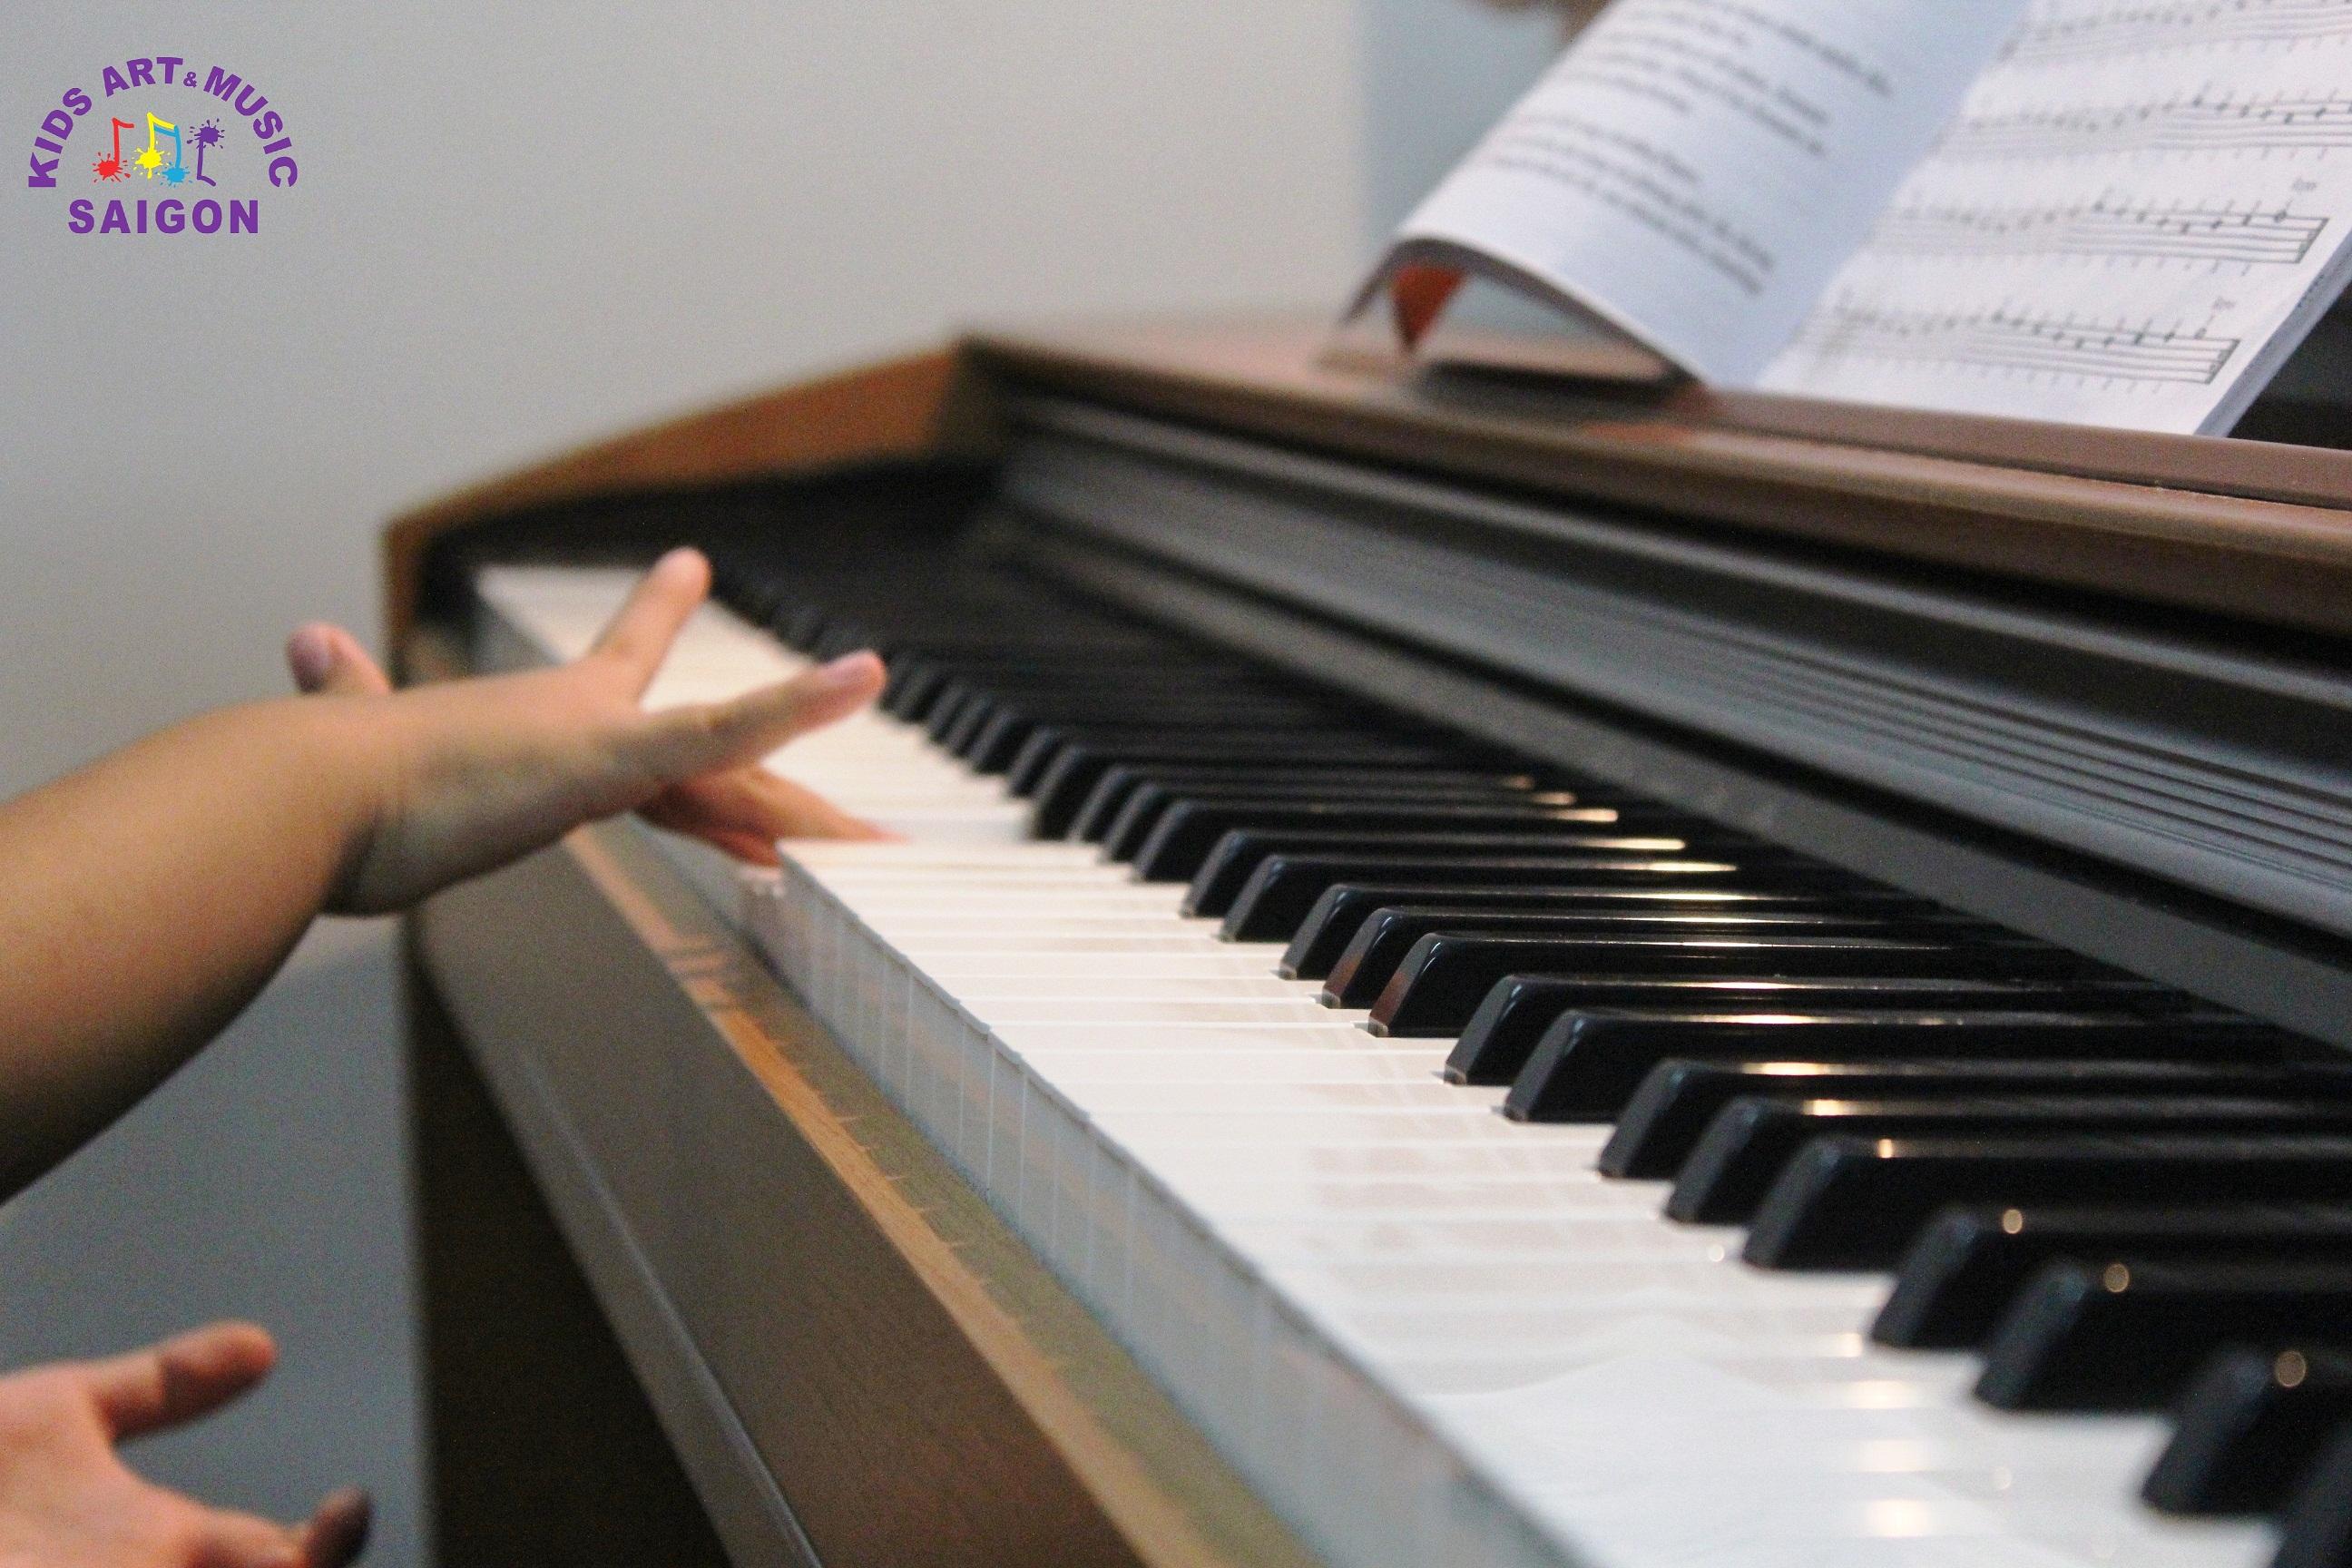 Học đàn Piano cho trẻ em tại Kids Art & Music Saigon, cùng tìm hiểu nhé! hình ảnh 2